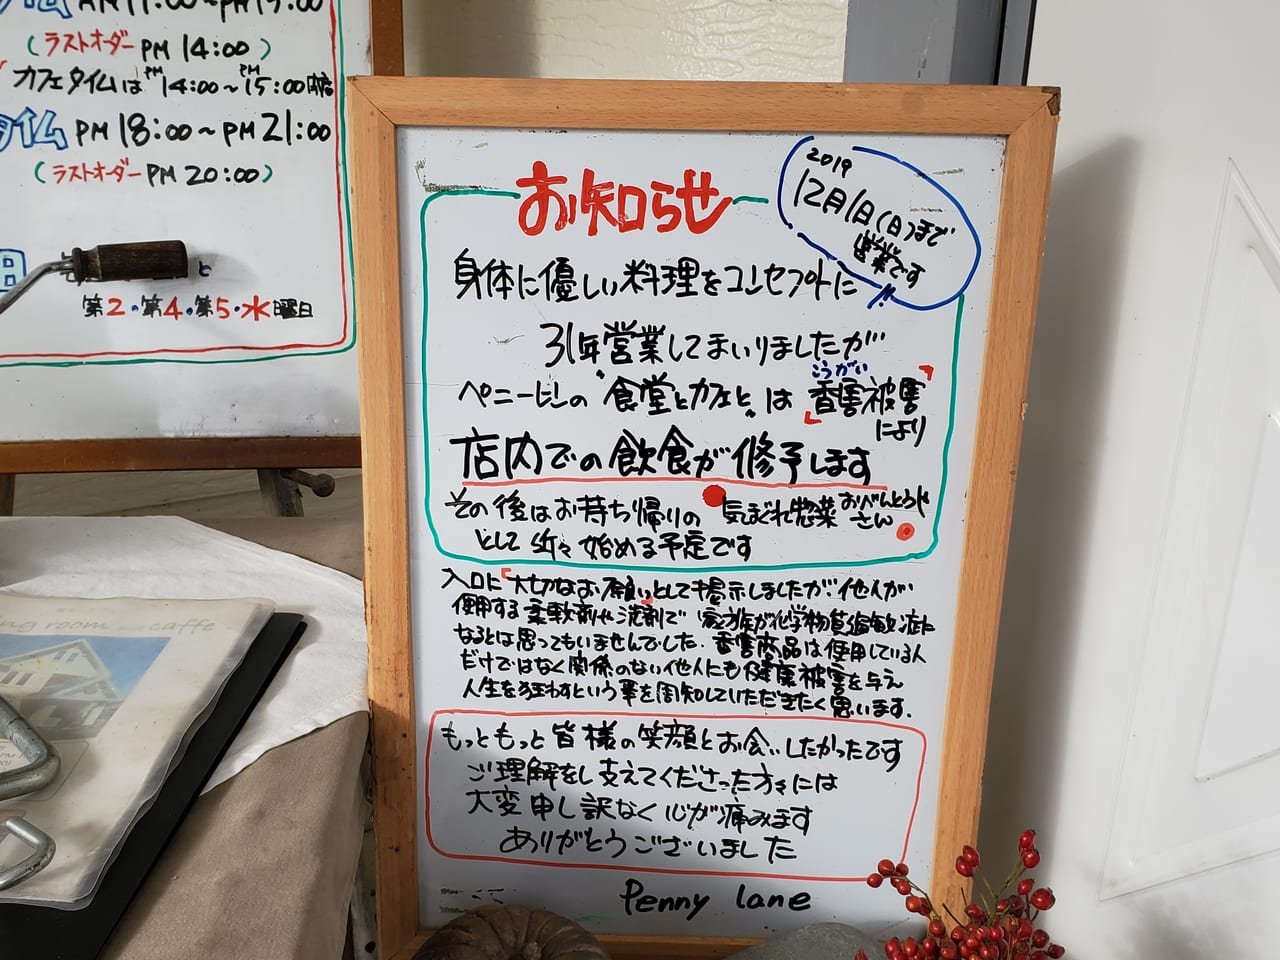 十勝 帯広 レストラン ペニーレーン 香害 お知らせ